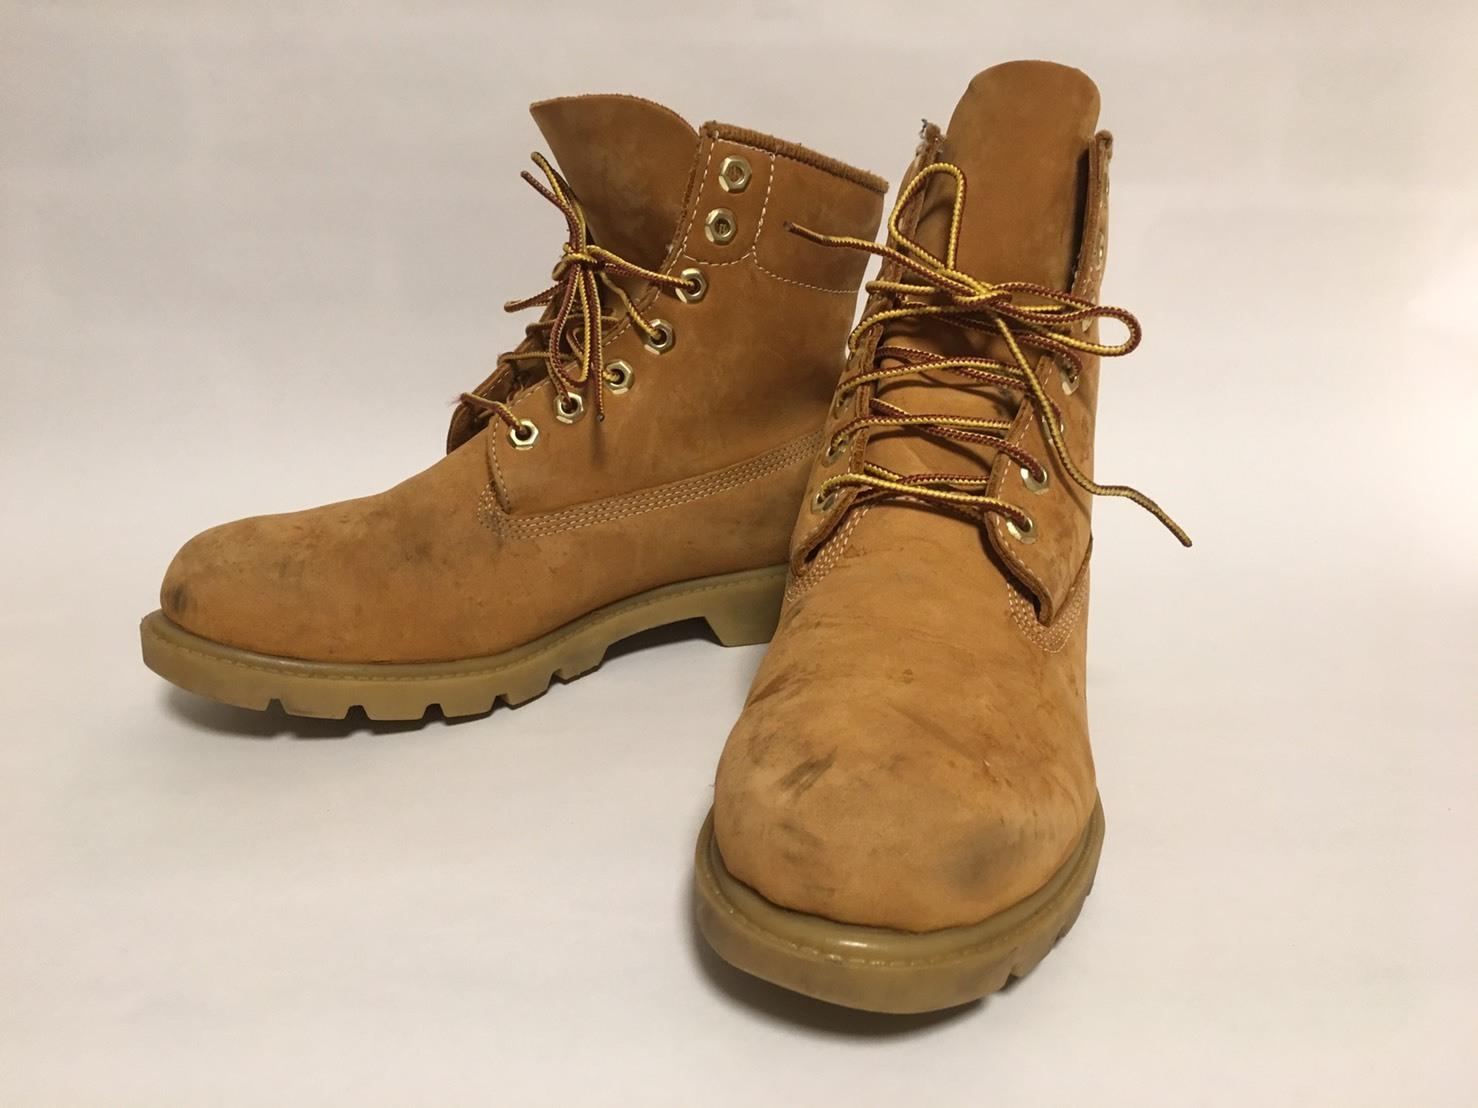 【USED】Timberland/ティンバーランド ブーツ 10066 25.5cm